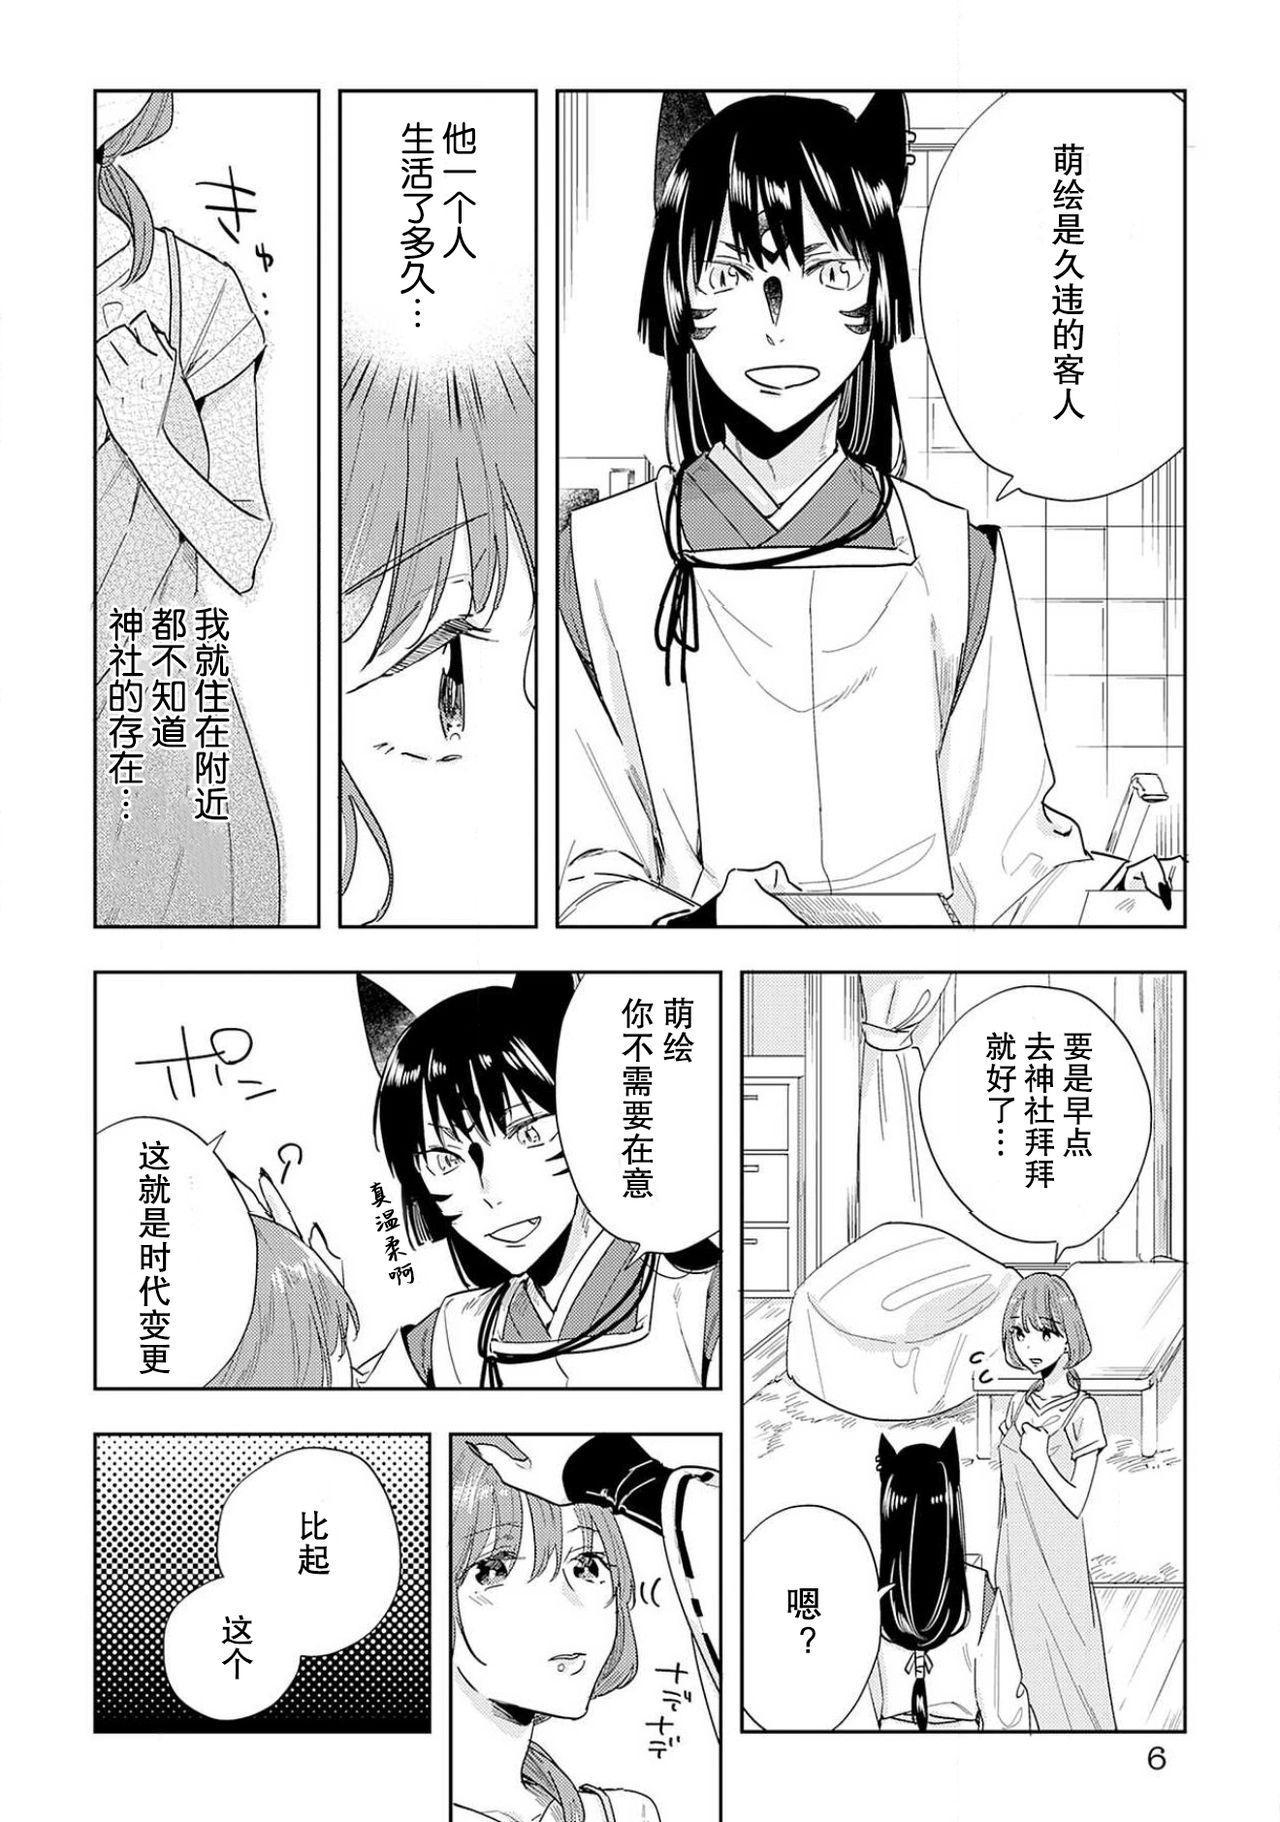 [Hachikawa Kyuu] Kami-sama to Ikenie H Keiyaku Shichaimashita | 我与神明大人签订了祭品H契约 1-3 [Chinese] [莉赛特汉化组] 60